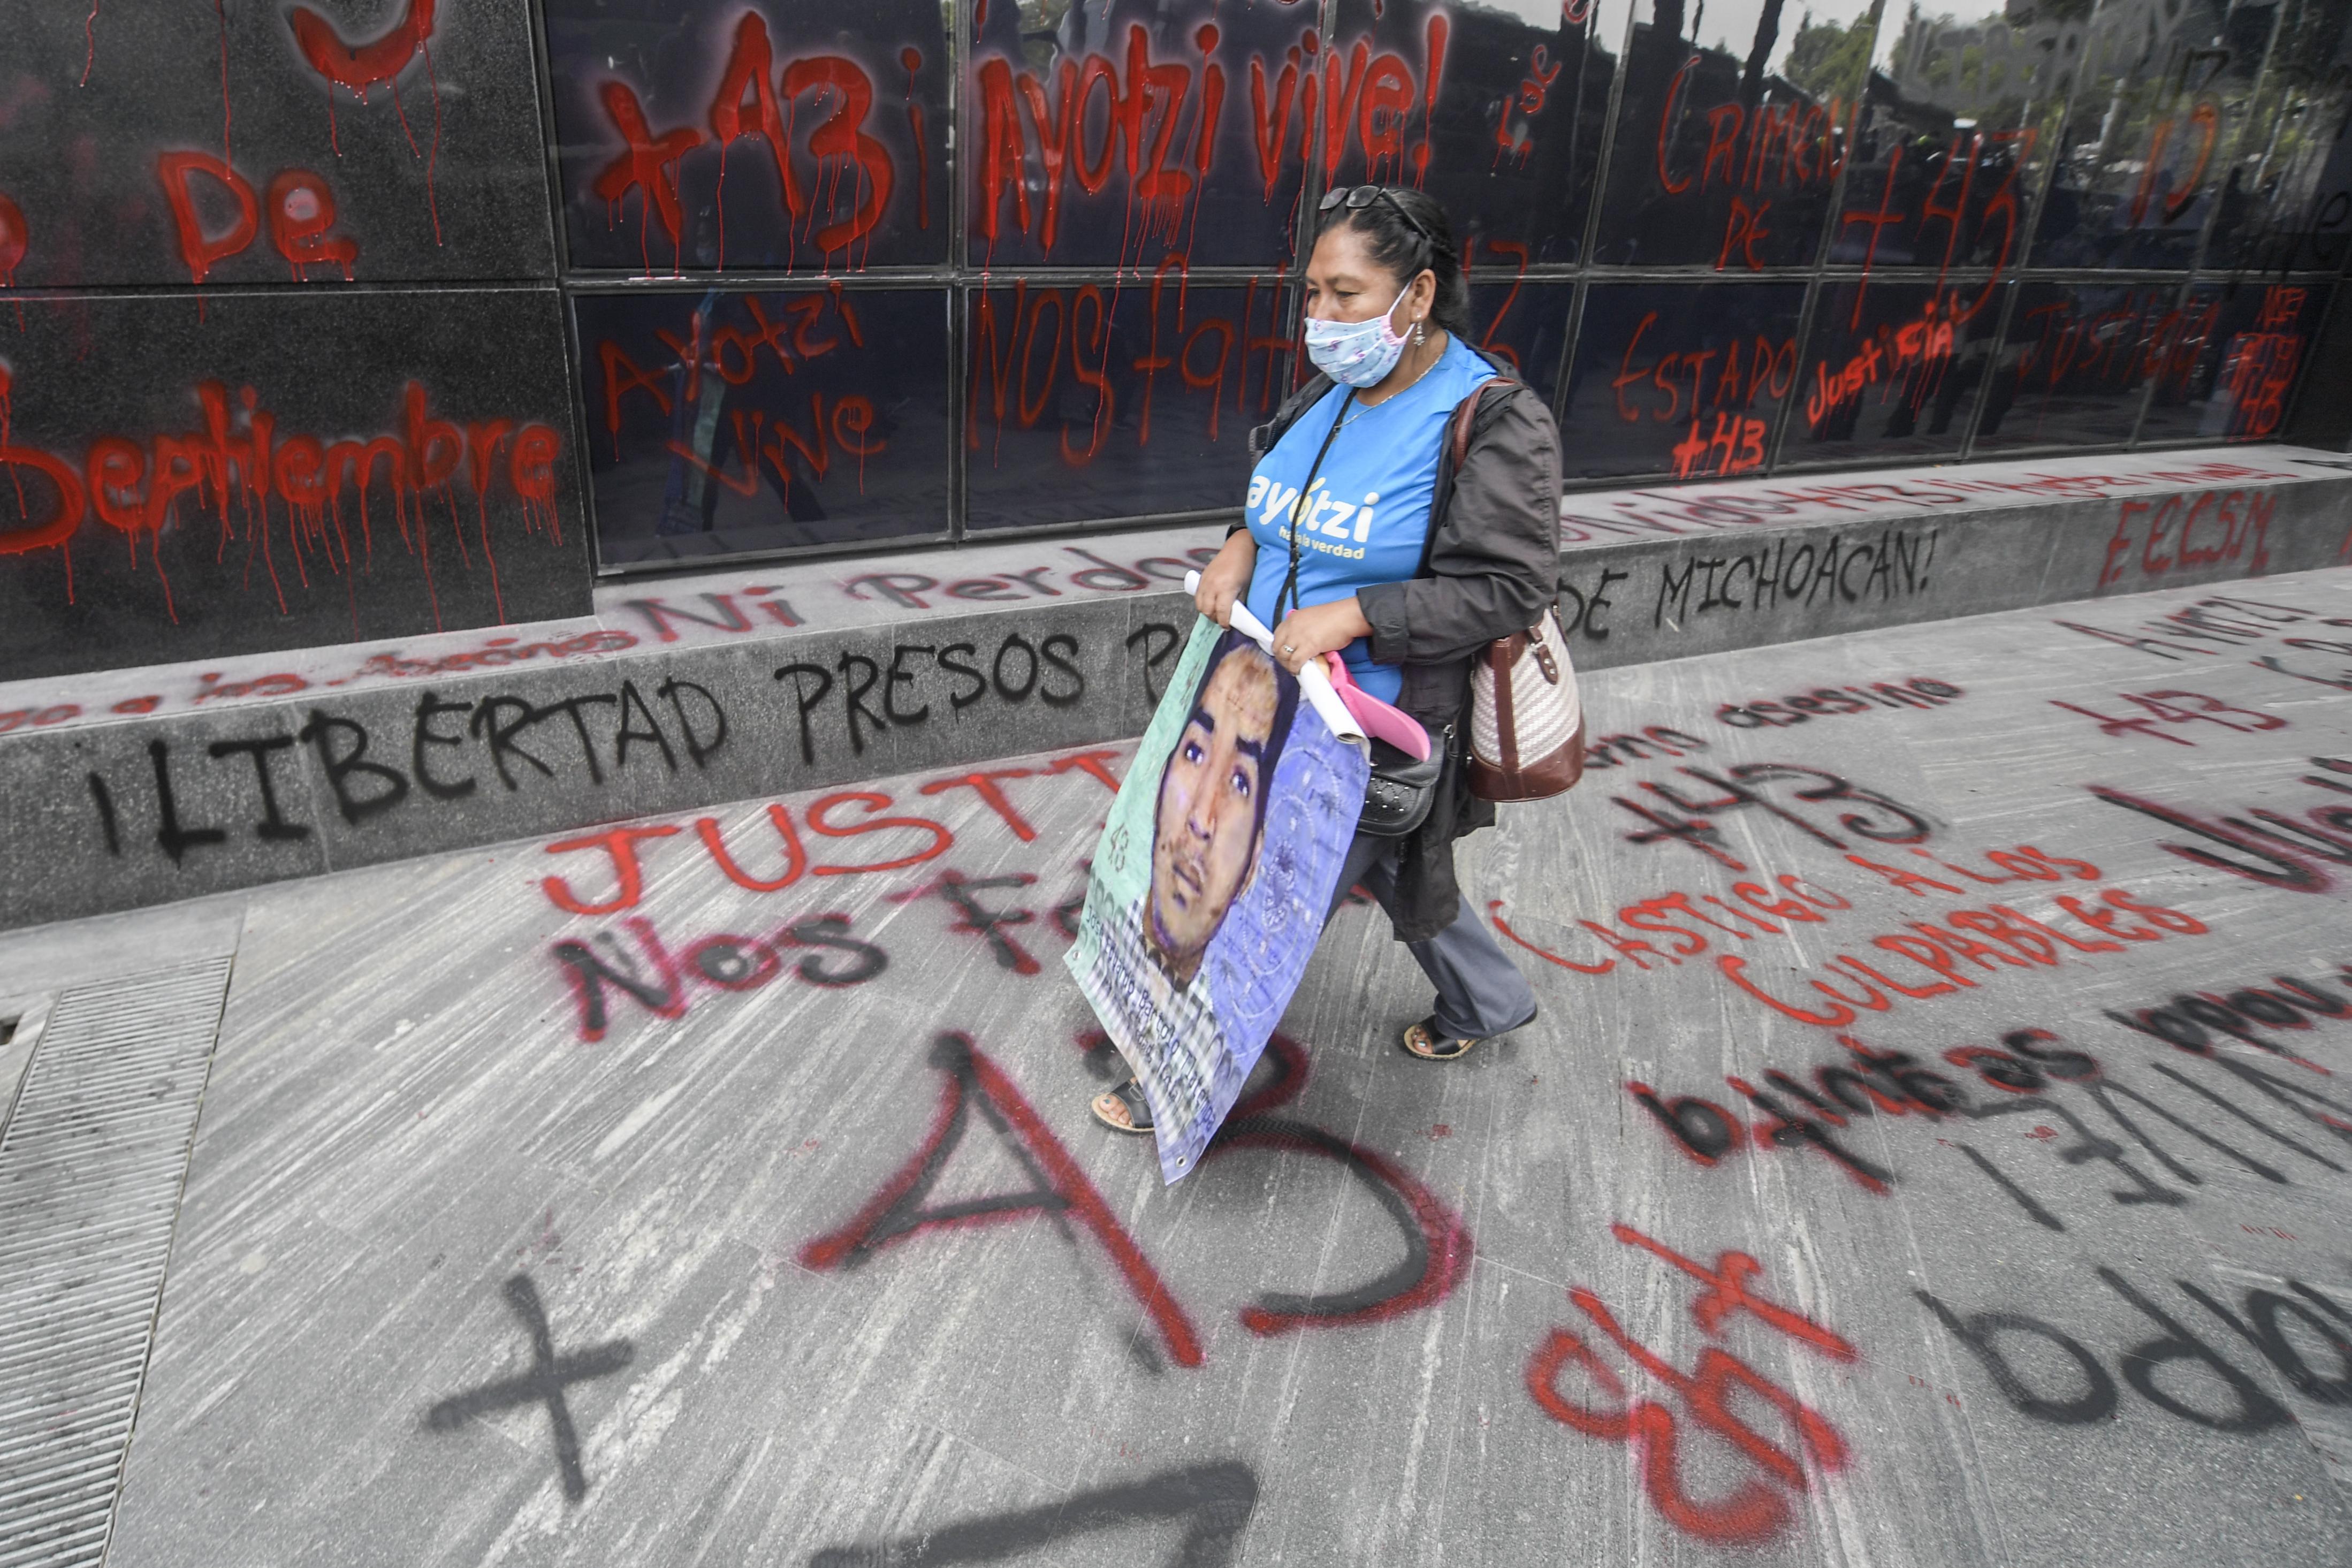 Personas se manifiestan frente a la Fiscalía General en la Ciudad de México el 25 de septiembre de 2020, en vísperas del sexto aniversario de la desaparición de 43 estudiantes de la Escuela Normal Rural de Ayotzinapa.